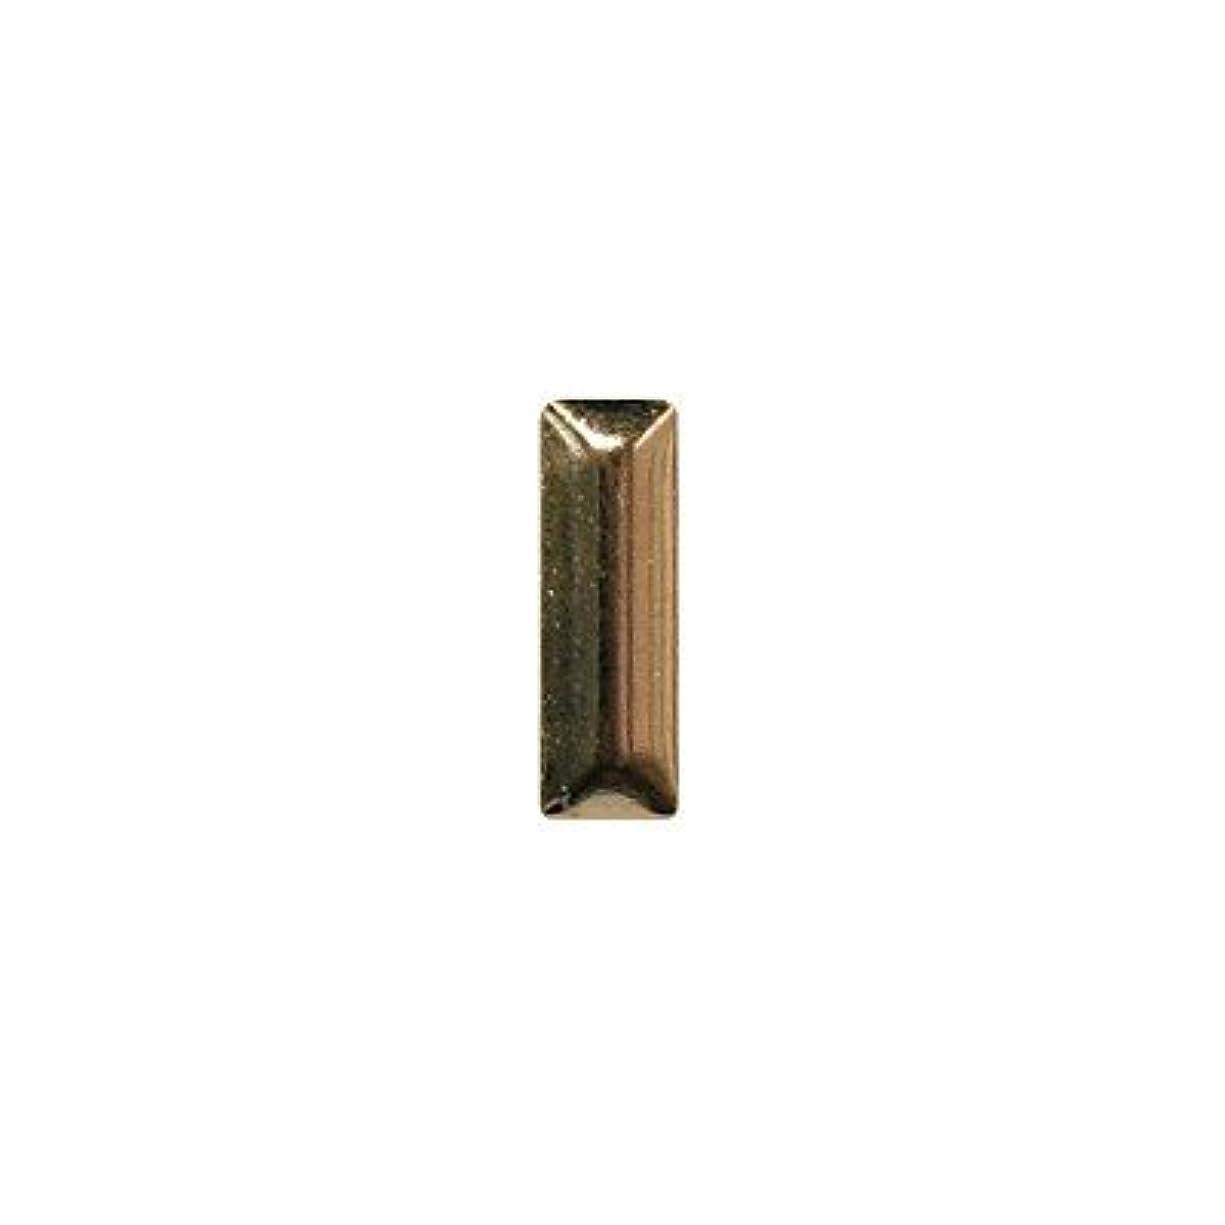 肺炎セマフォレザーピアドラ スタッズ メタル長方形 2×6mm 50P ゴールド